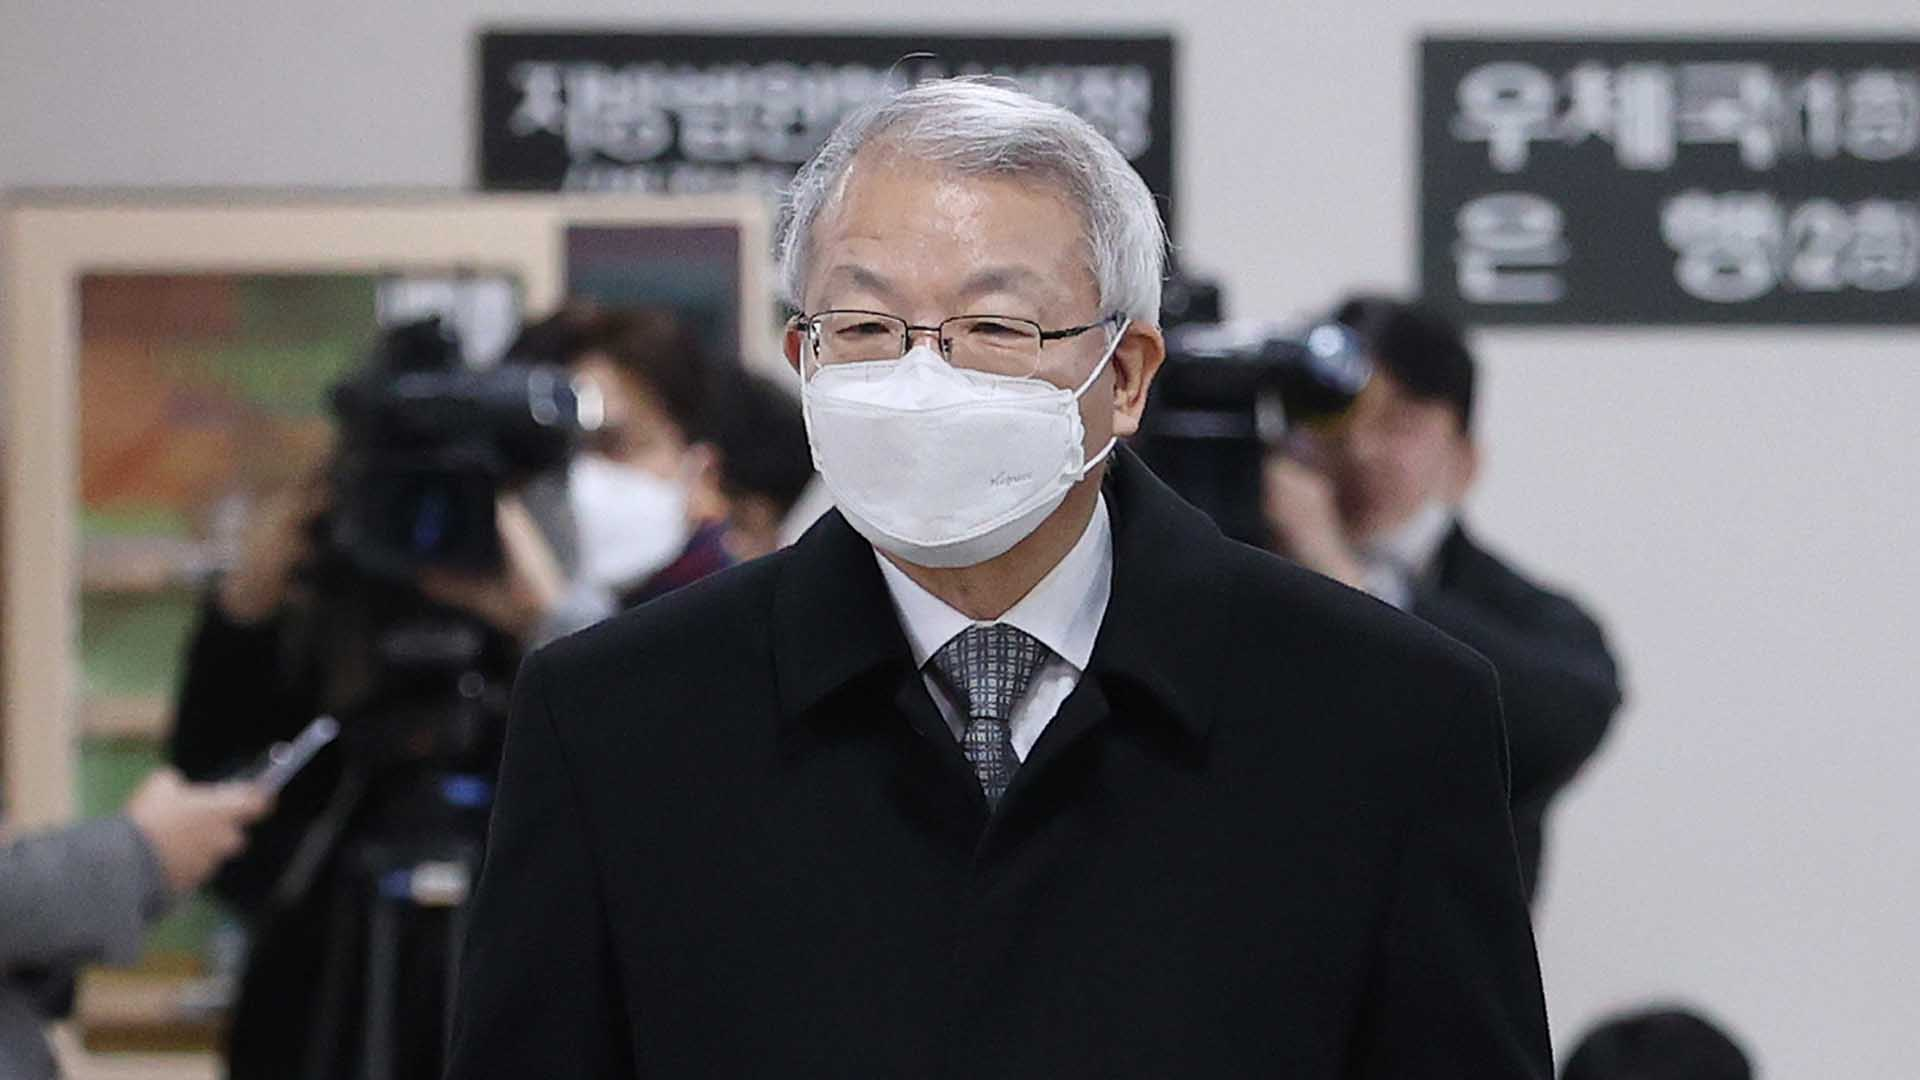 '사법농단' 정점 양승태 재판 두 달 만에 재개